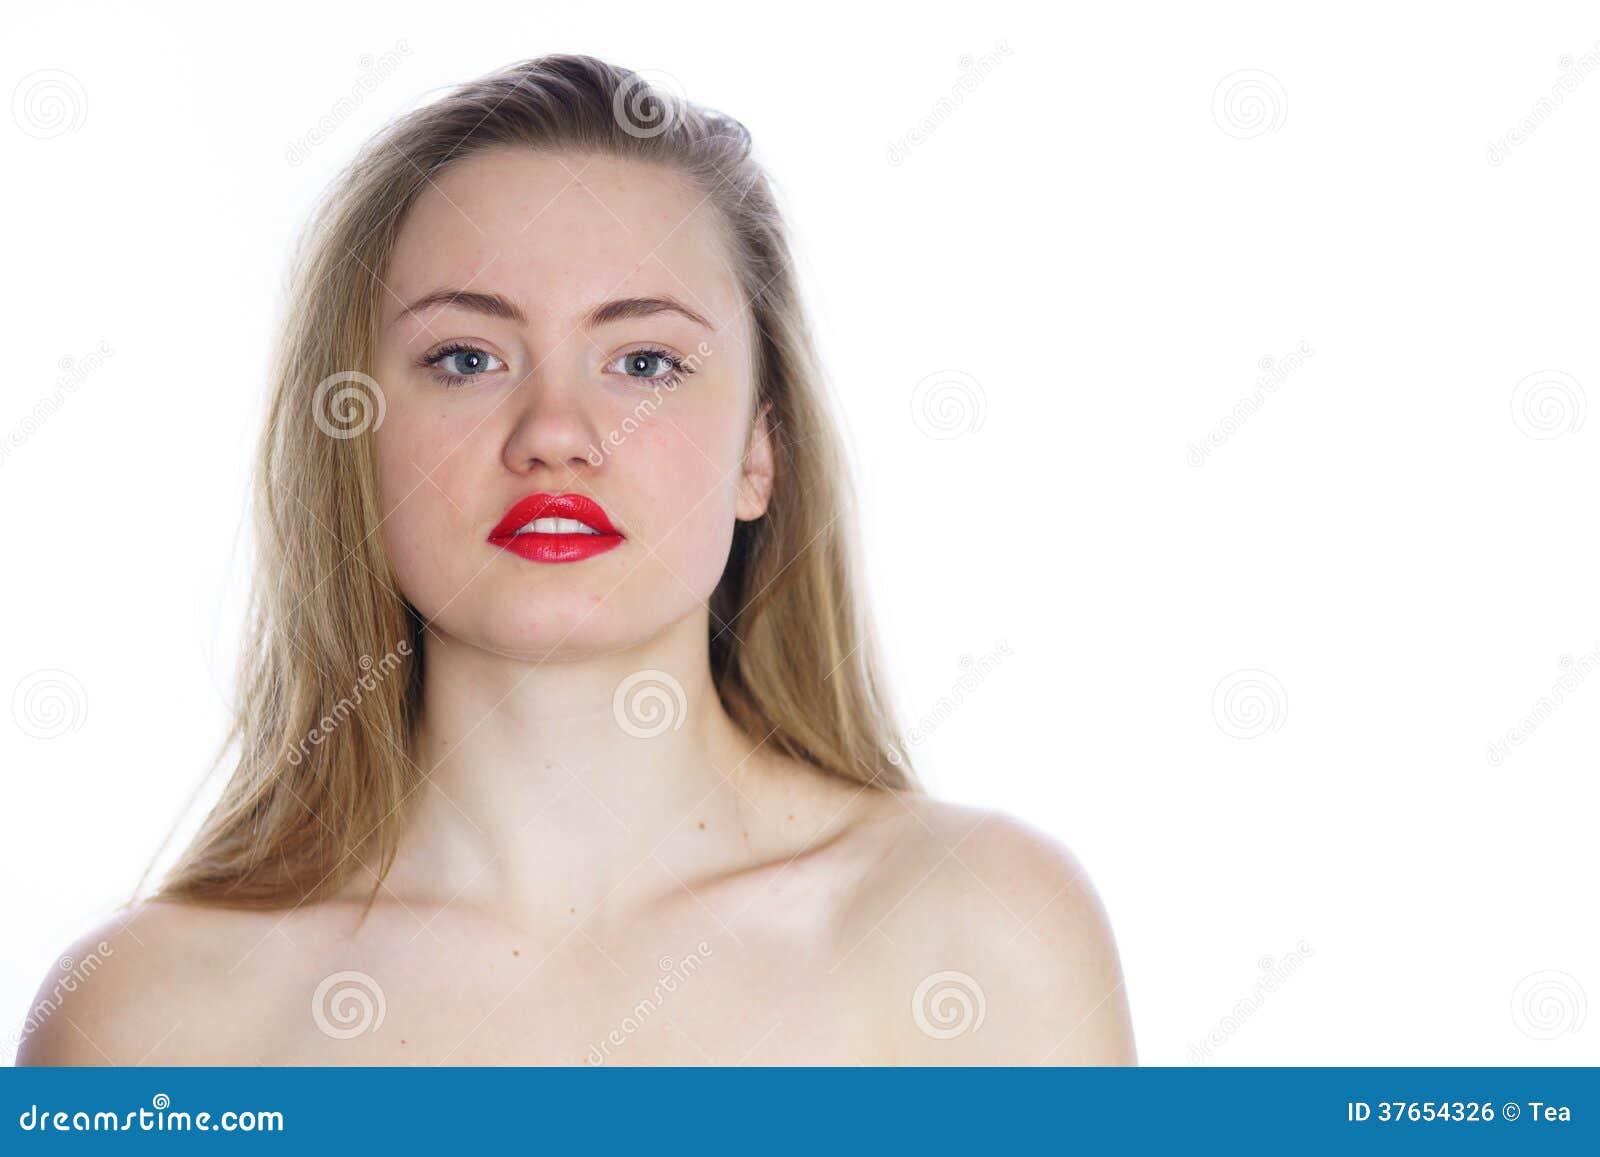 Alt binarios fotos erótica adolescente mujer amateur